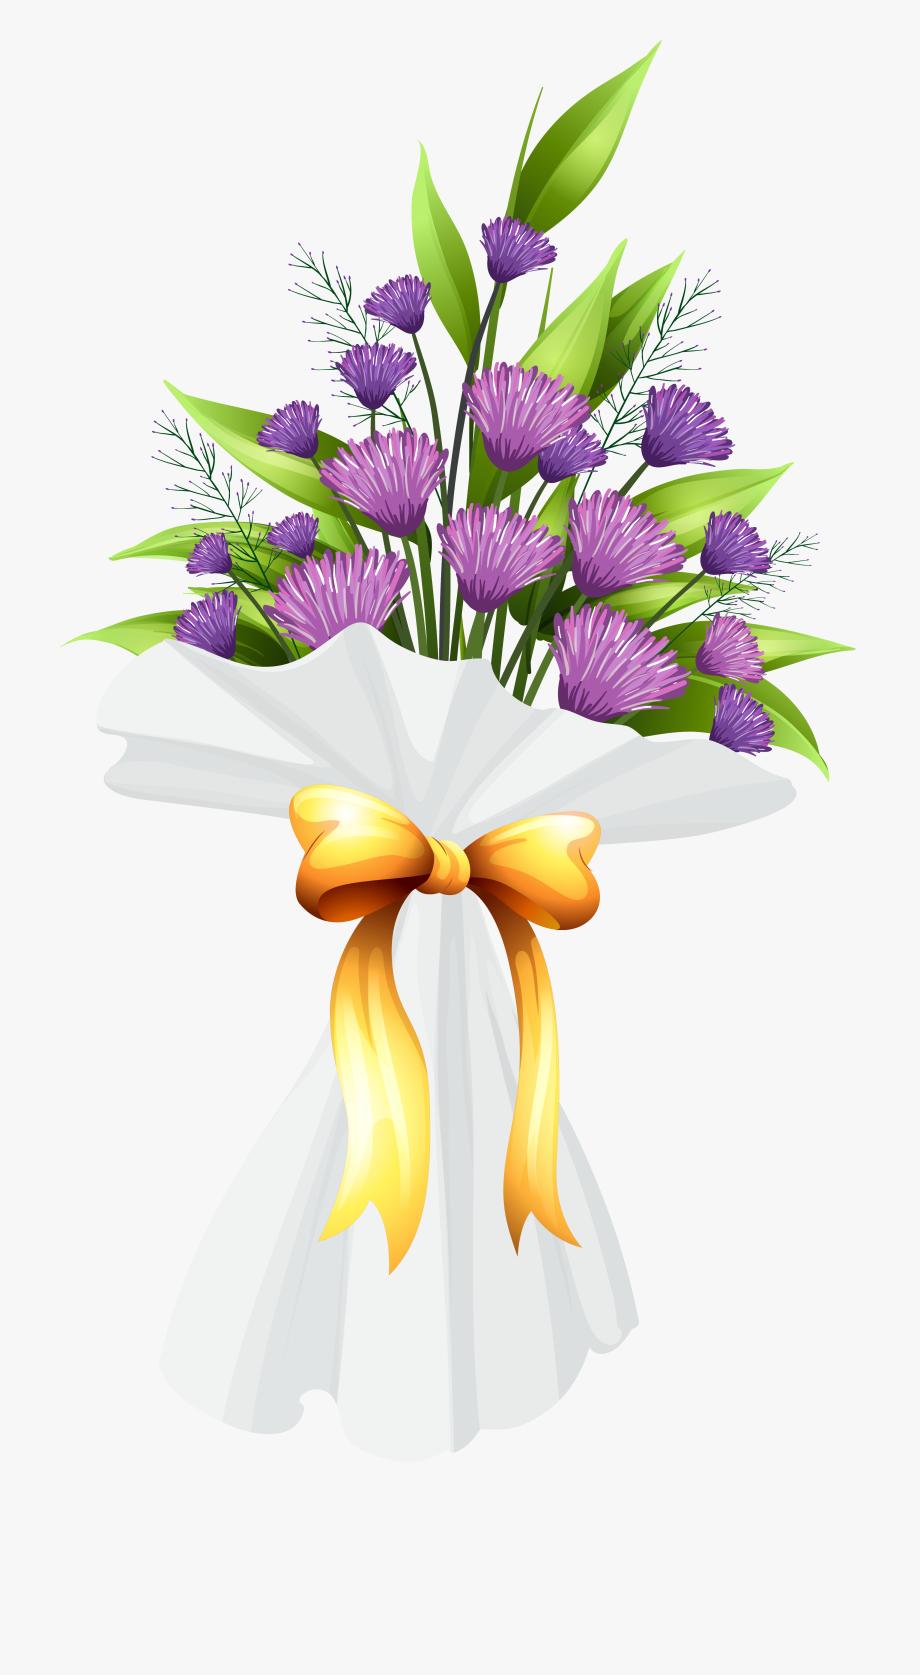 Bouquet clipart flower bunch. Sympathy png